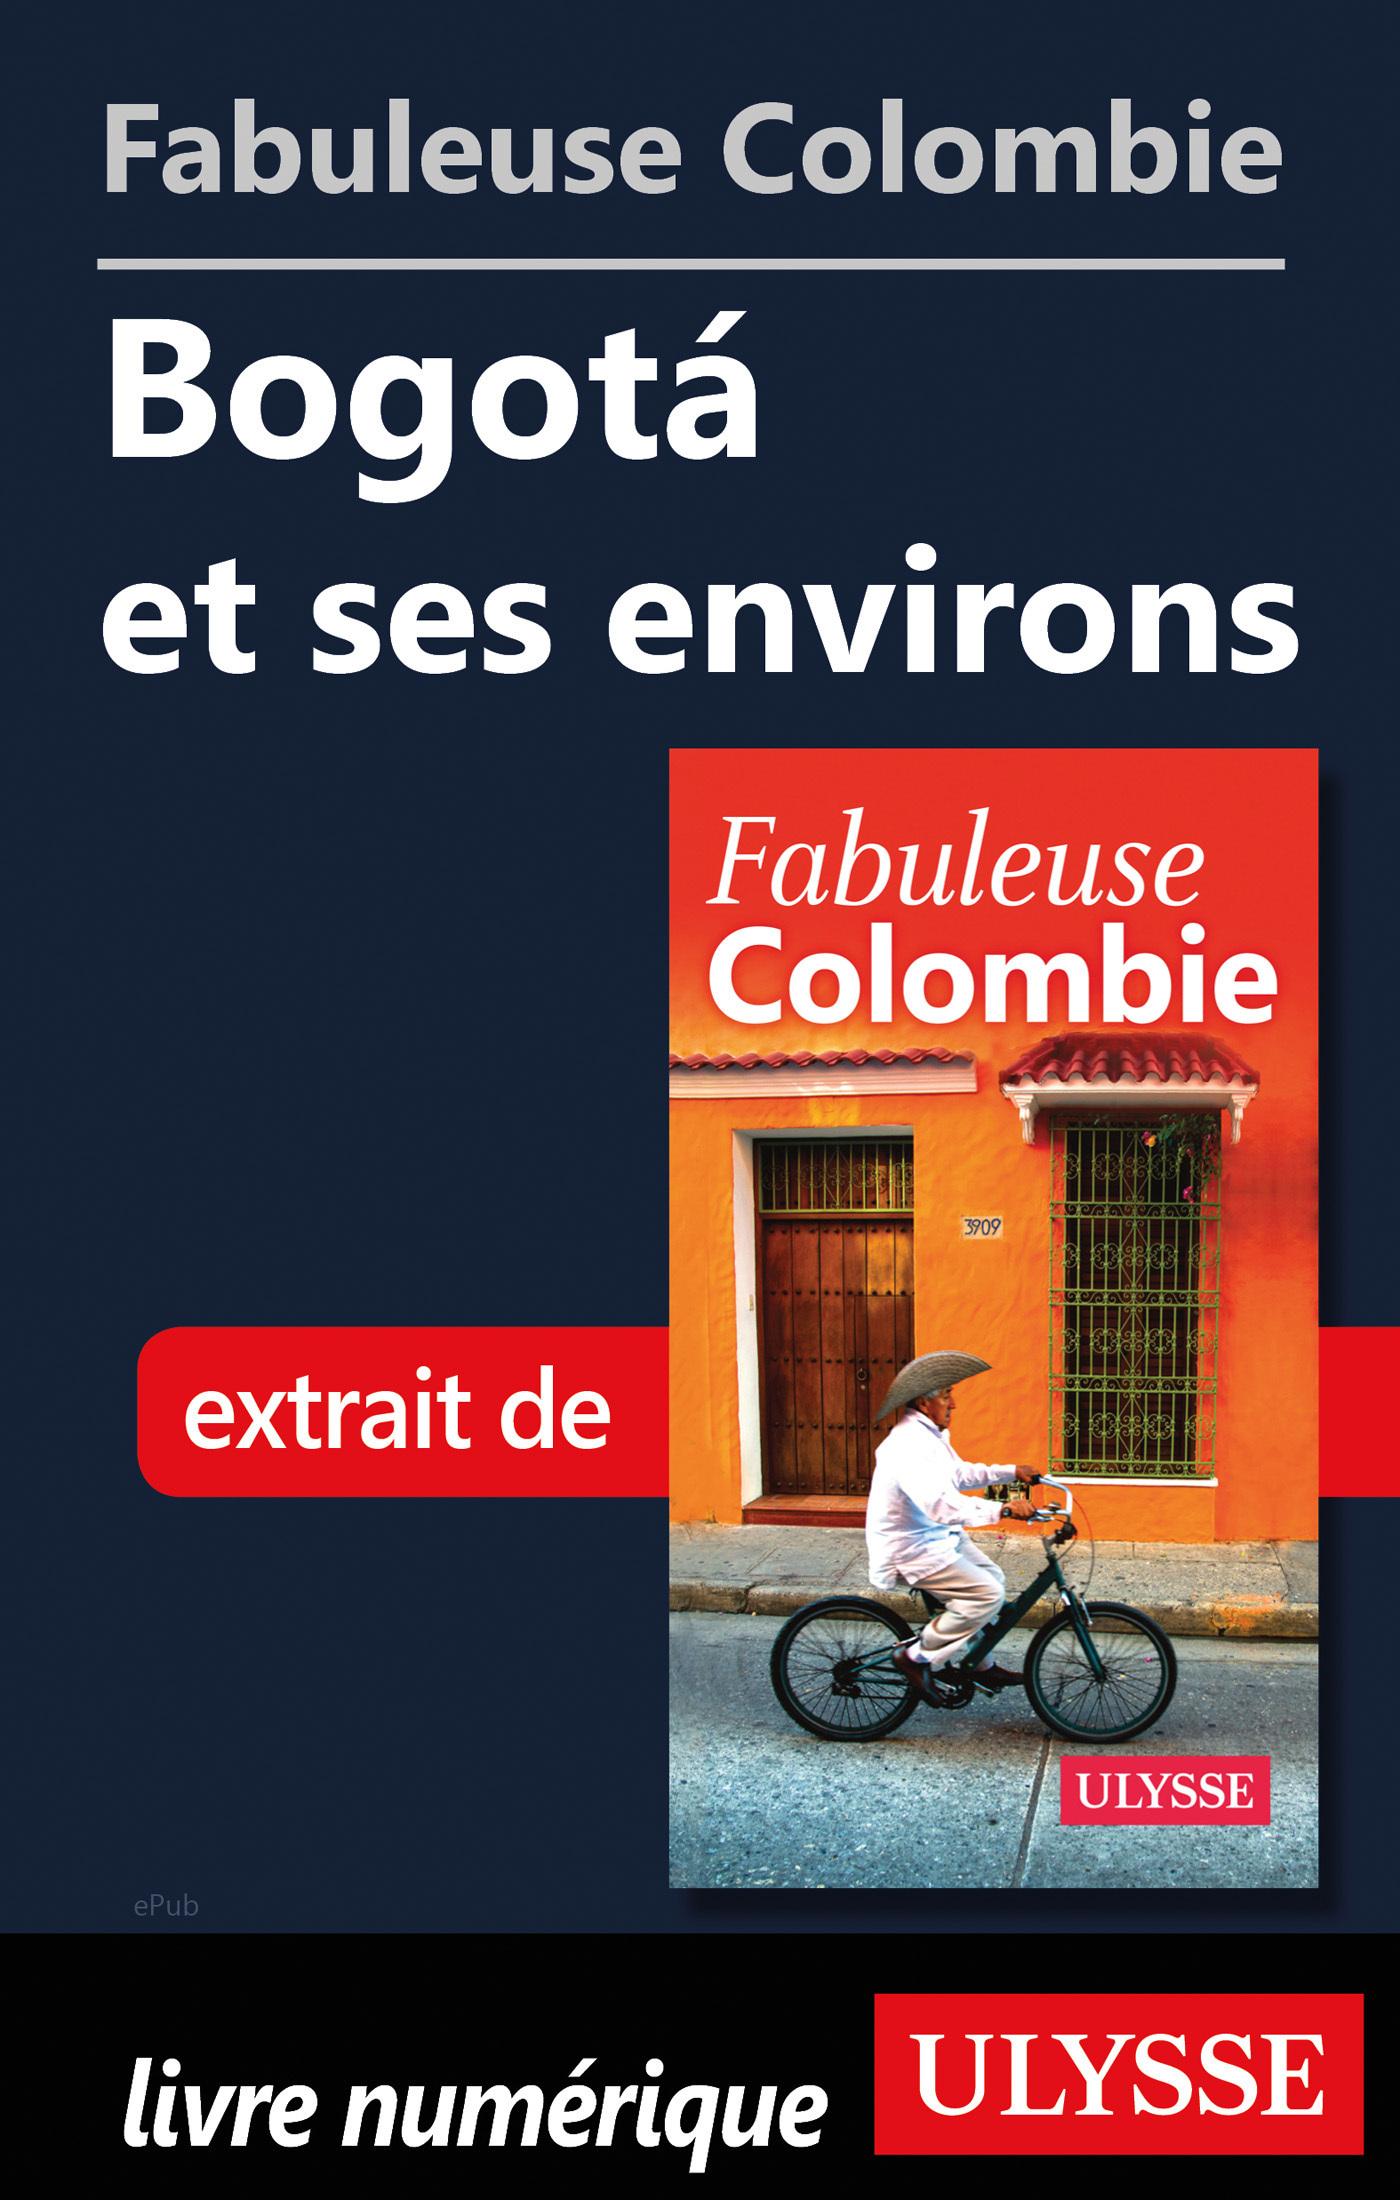 Fabuleuse Colombie: Bogota et ses environs